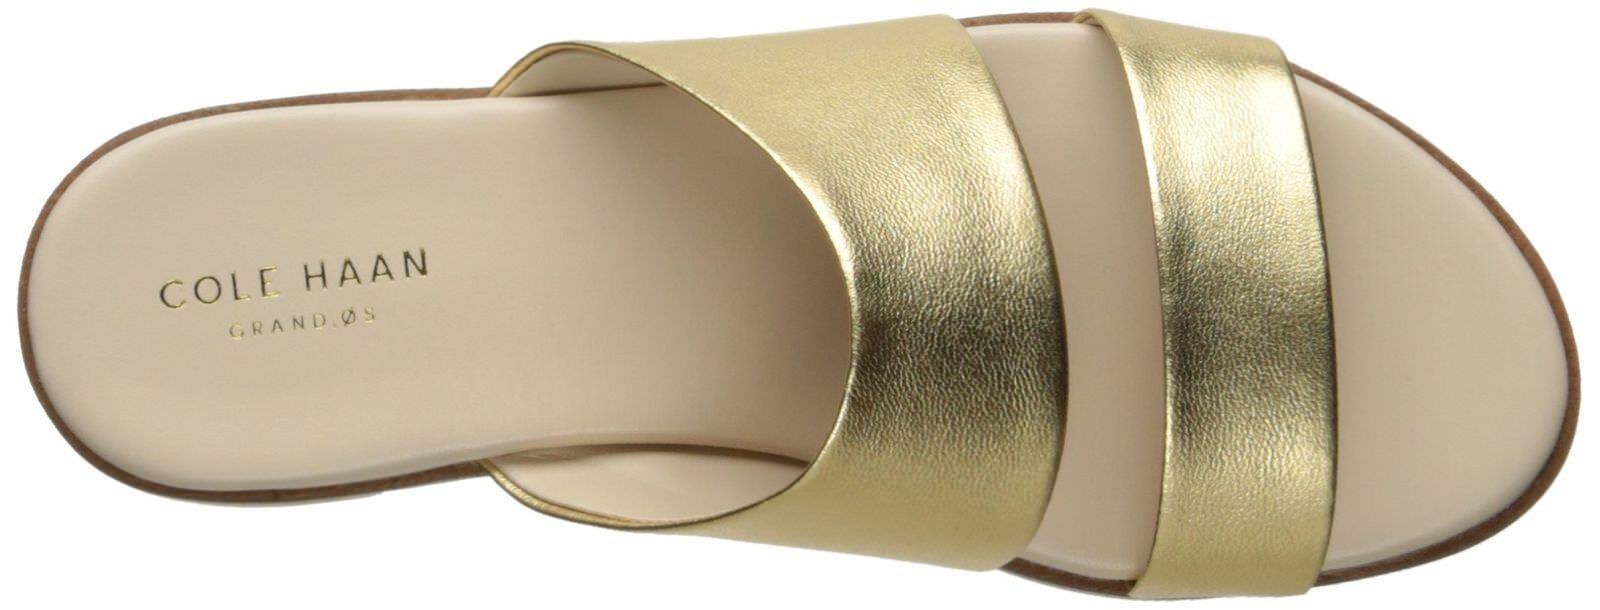 8.5 COLE HAAN ANICA ANICA ANICA SANDAL oro METALLIC donna STRAPPY MULE SLIDE scarpe d3fc61